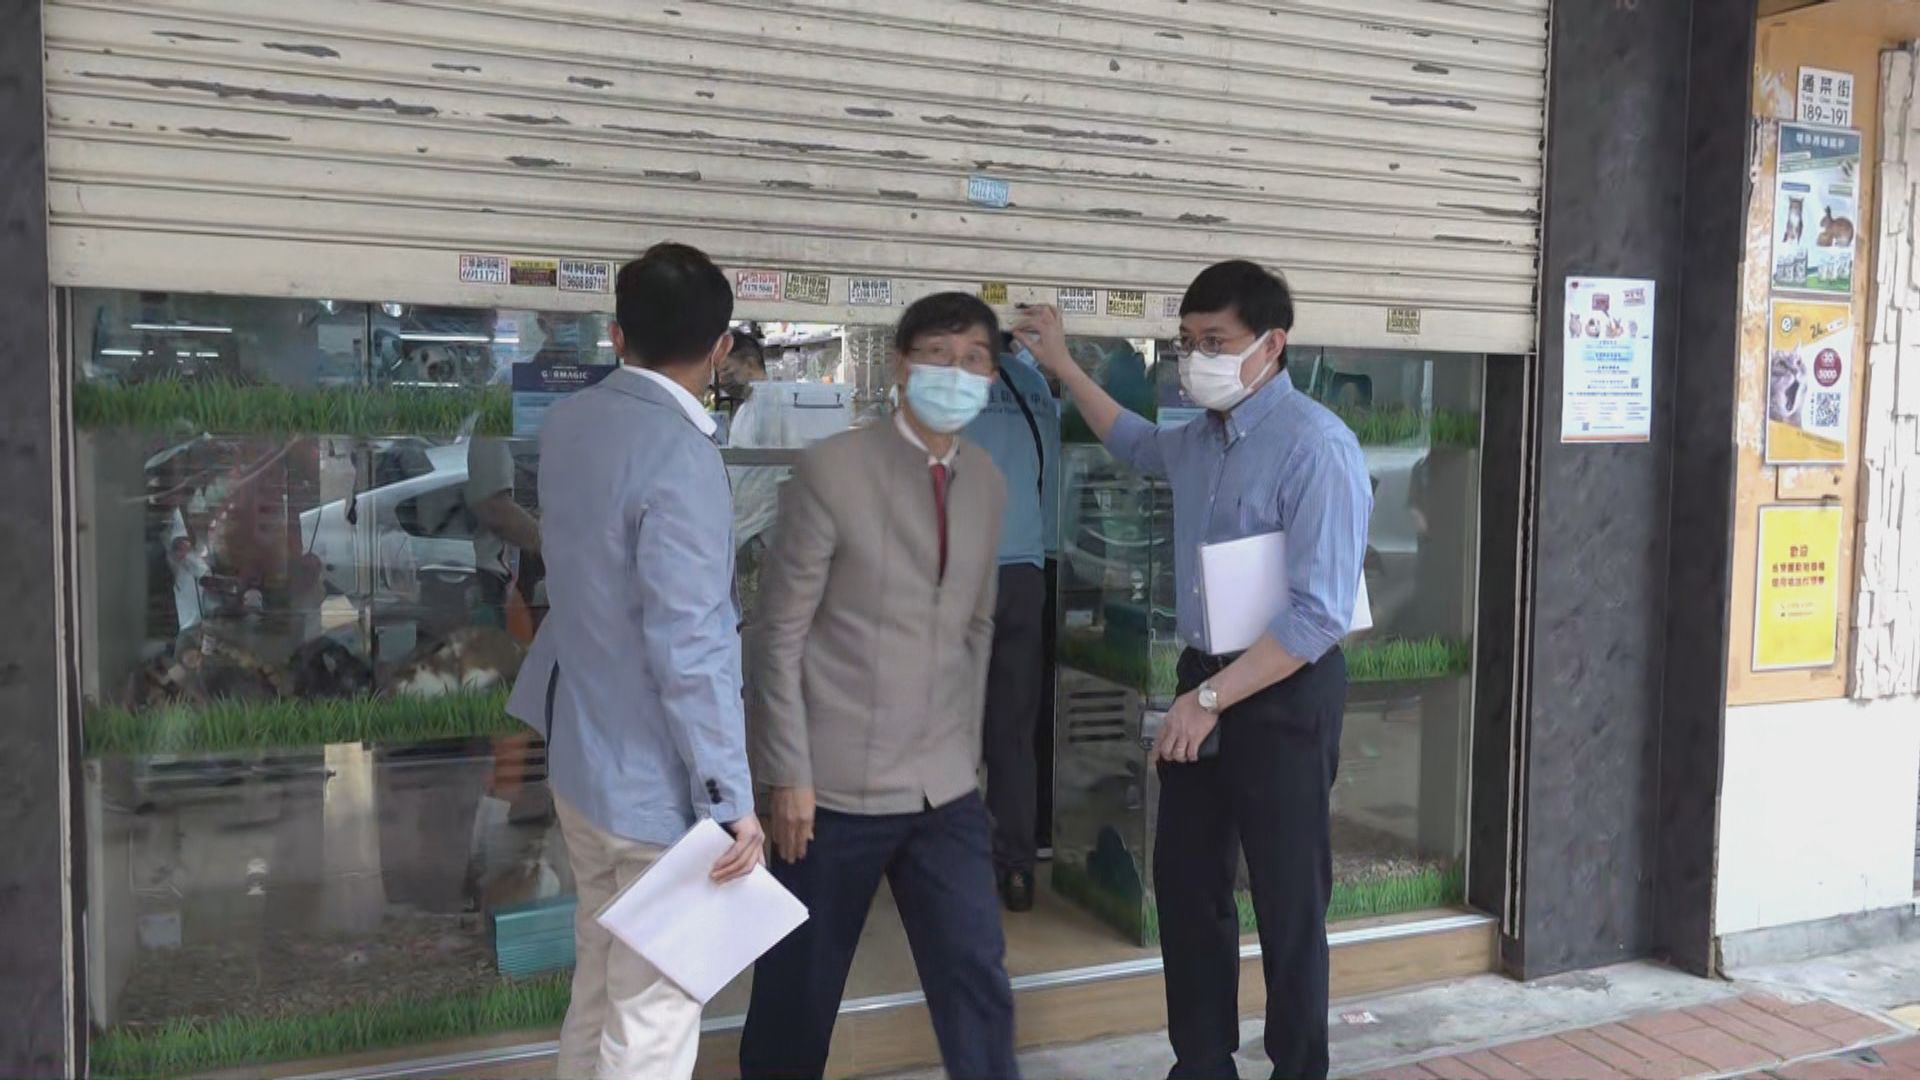 袁國勇視察感染變種病毒女學生住所及到過的地方